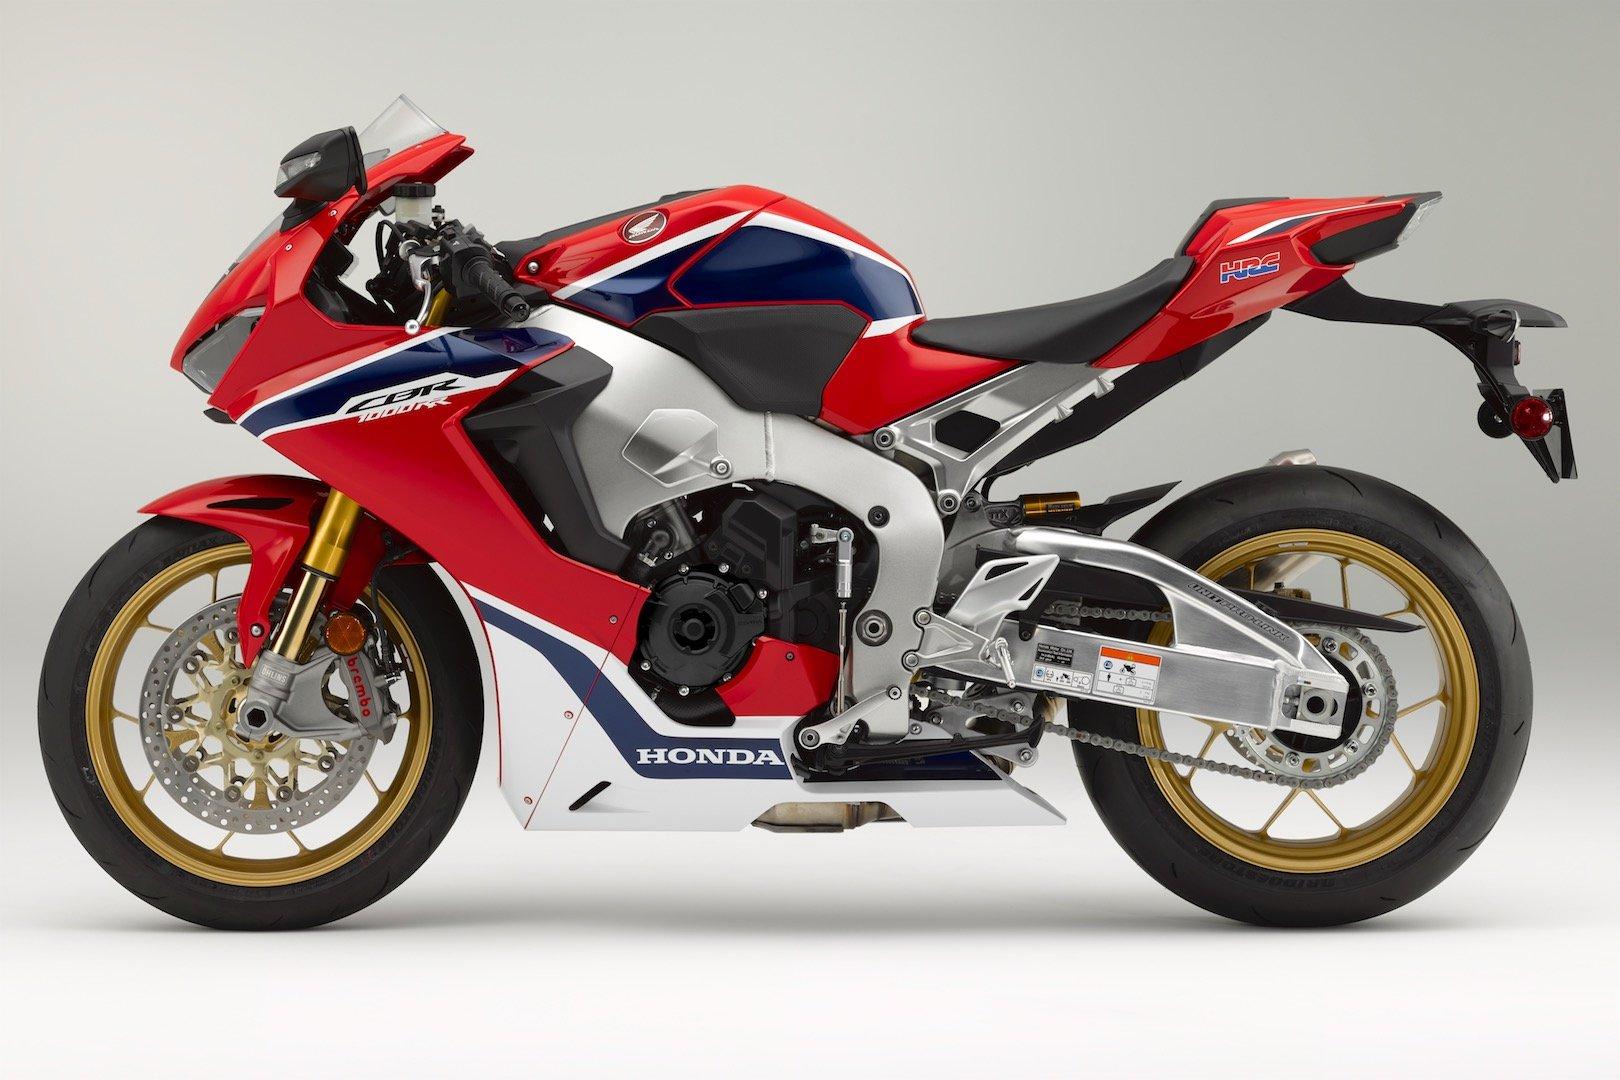 2017 Honda Cbr100rr Sp Preview Price Cbr1000rr